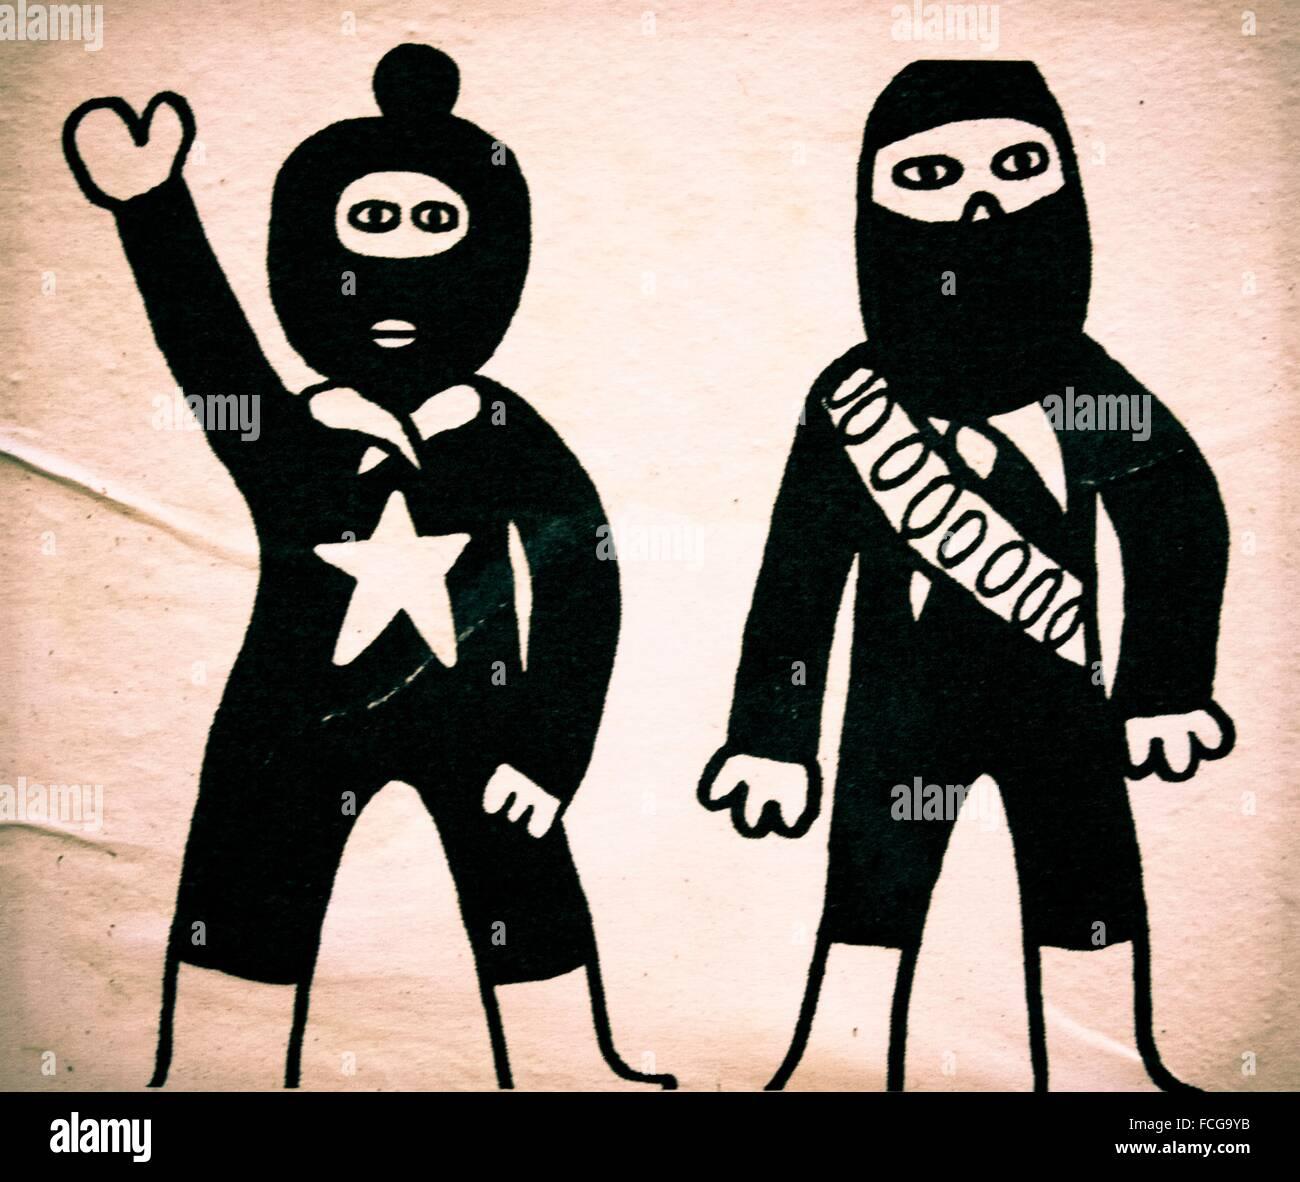 Straße Zeichnung illustriert ein paar Kämpfer, die ihre Gesichter ...